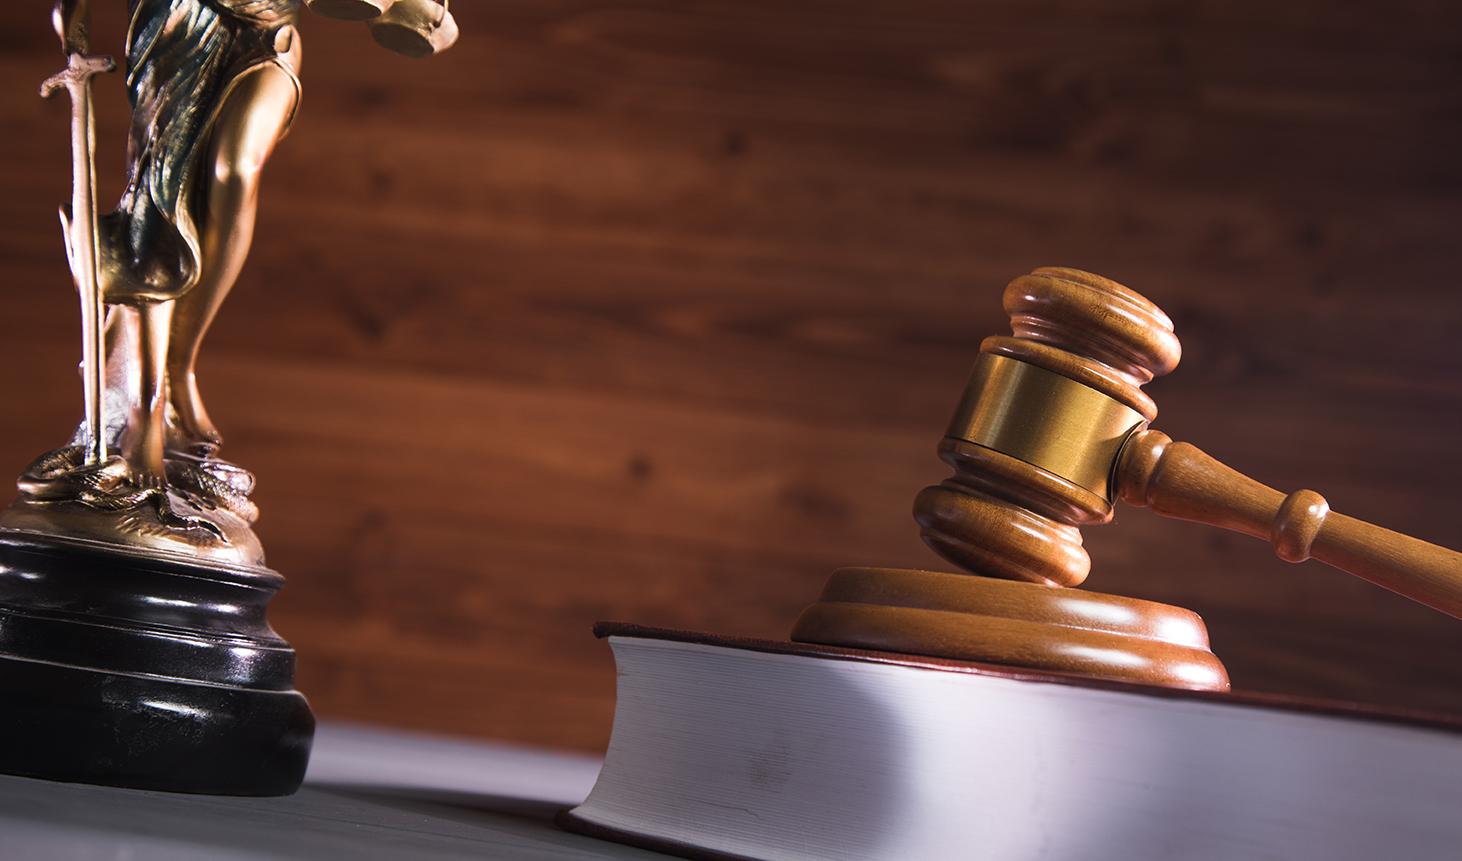 sobreseimiento civil penal en malaga